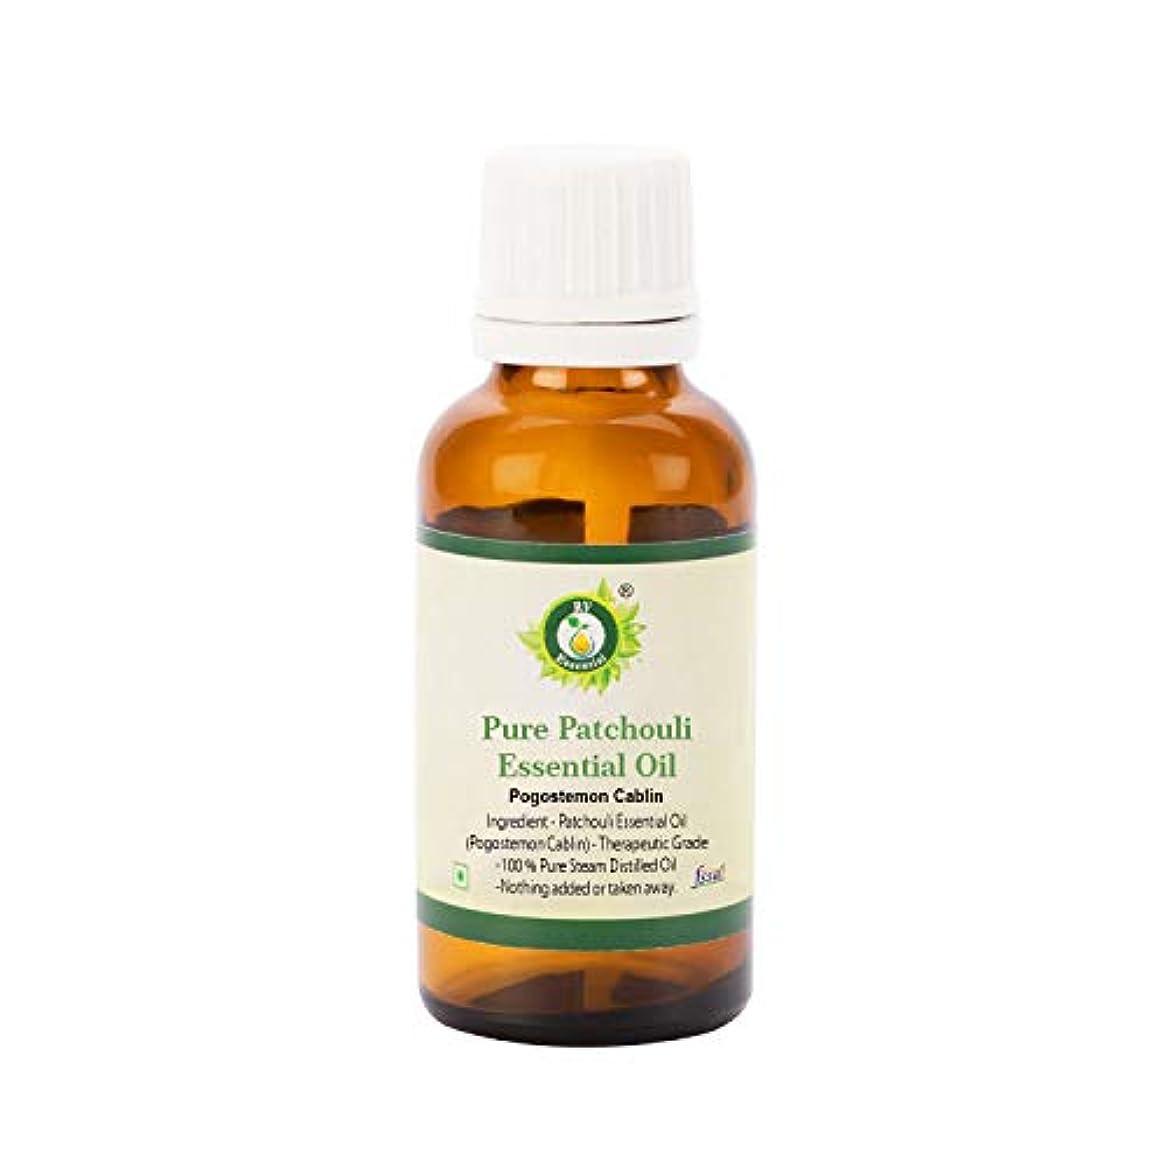 注ぎます酔っ払い見えないR V Essential ピュアパチュリーエッセンシャルオイル30ml (1.01oz)- Pogostemon Cablin (100%純粋&天然スチームDistilled) Pure Patchouli Essential...